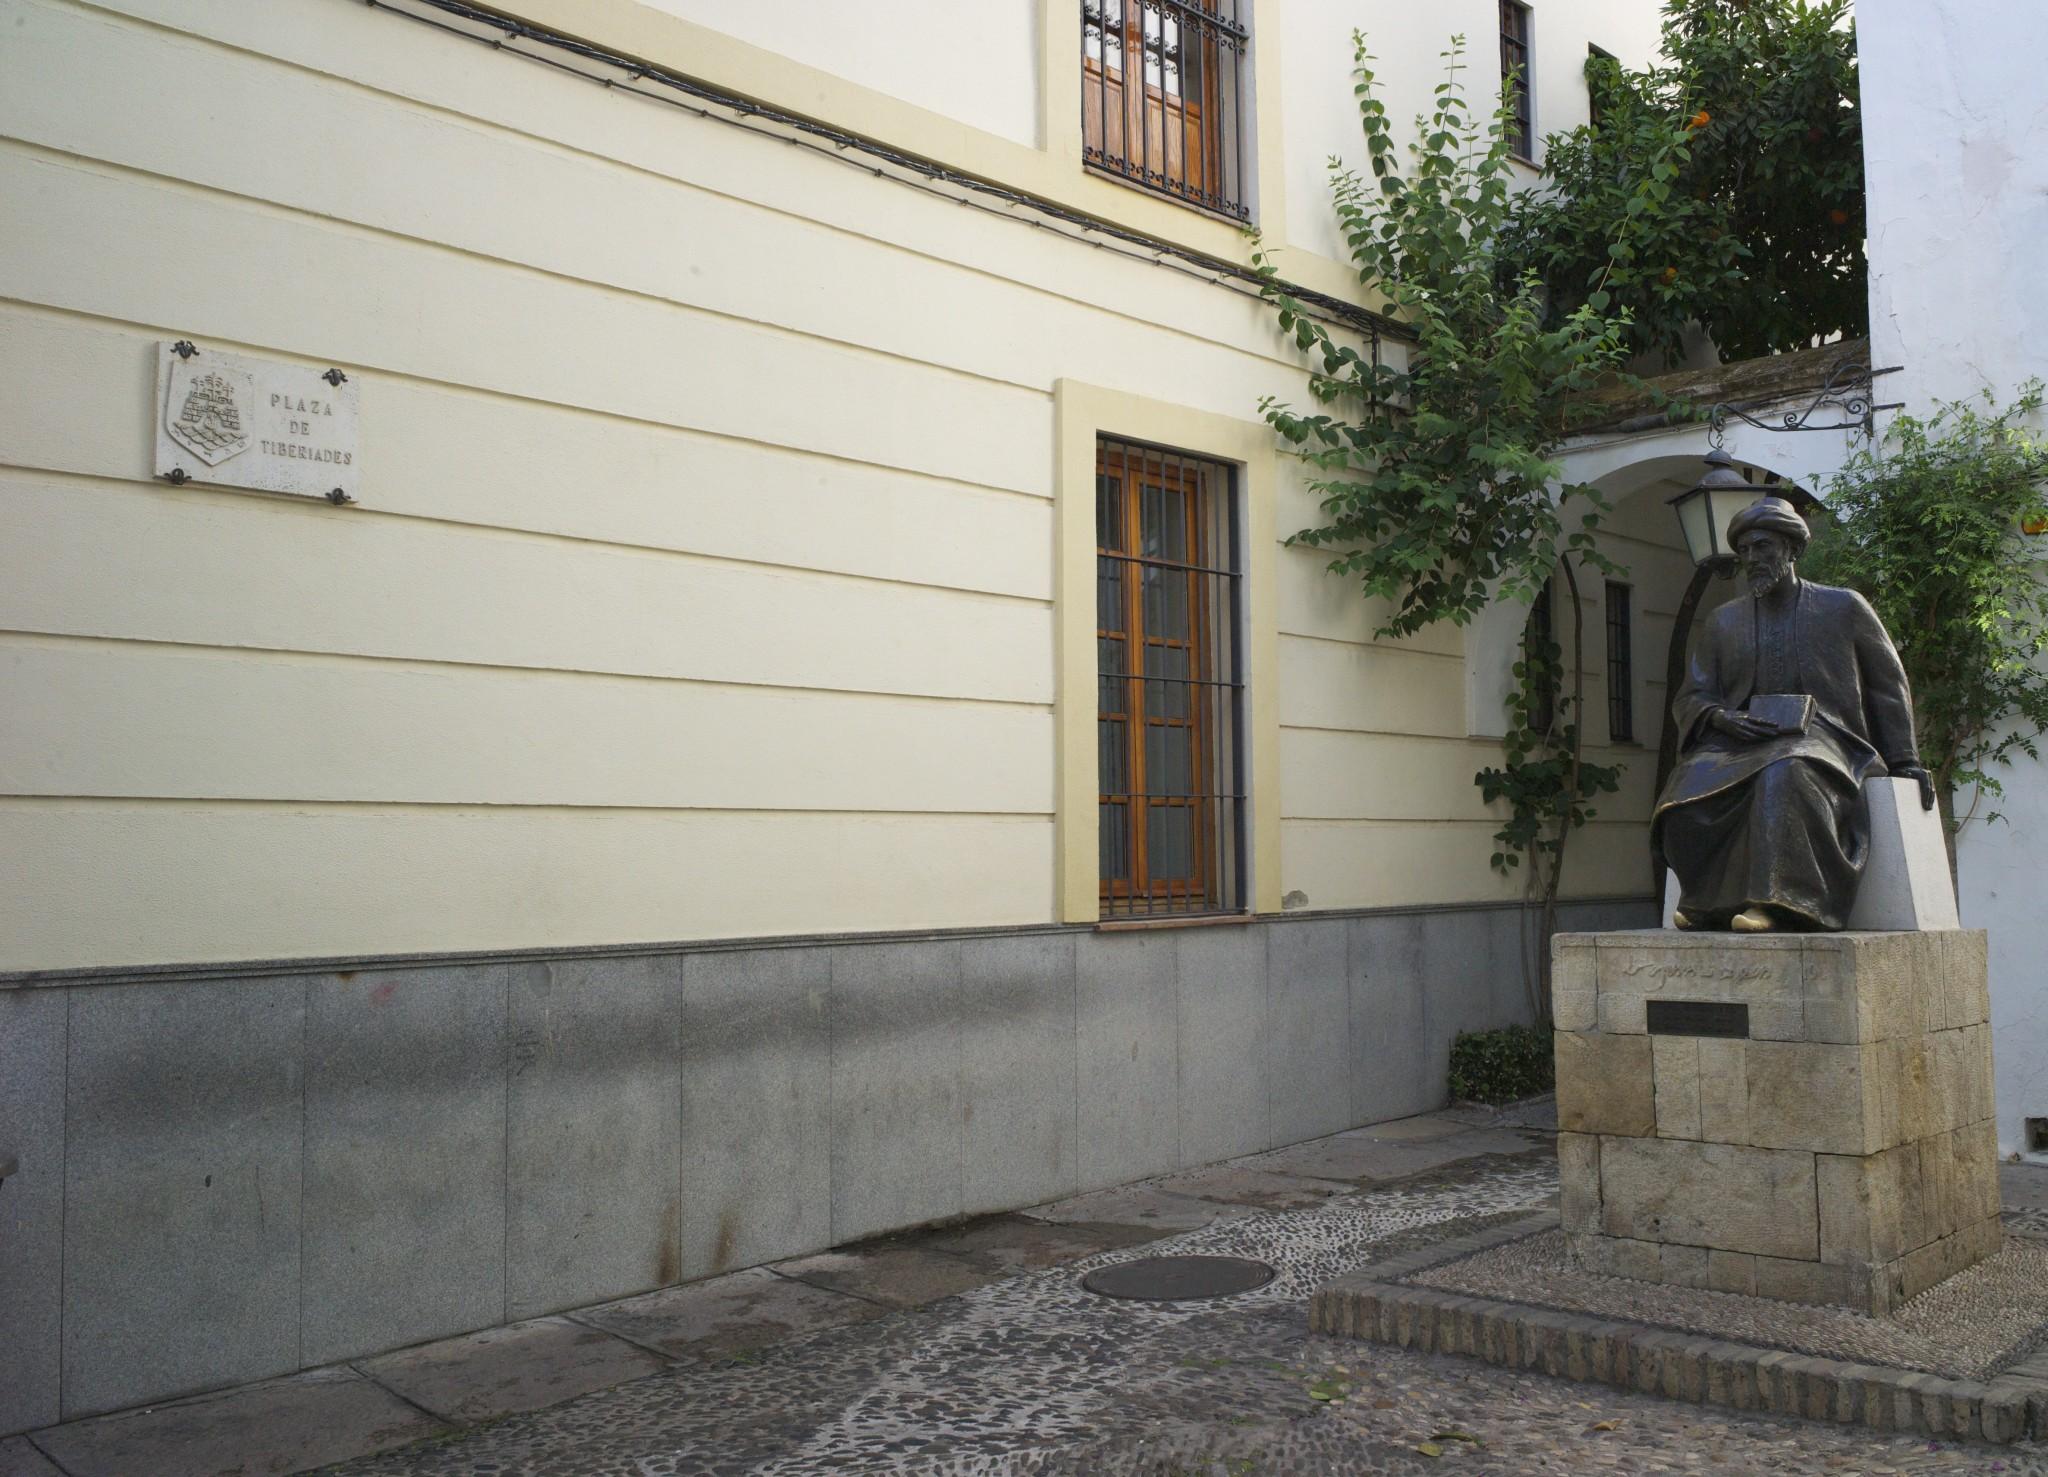 Cordova plaza de tiberiades